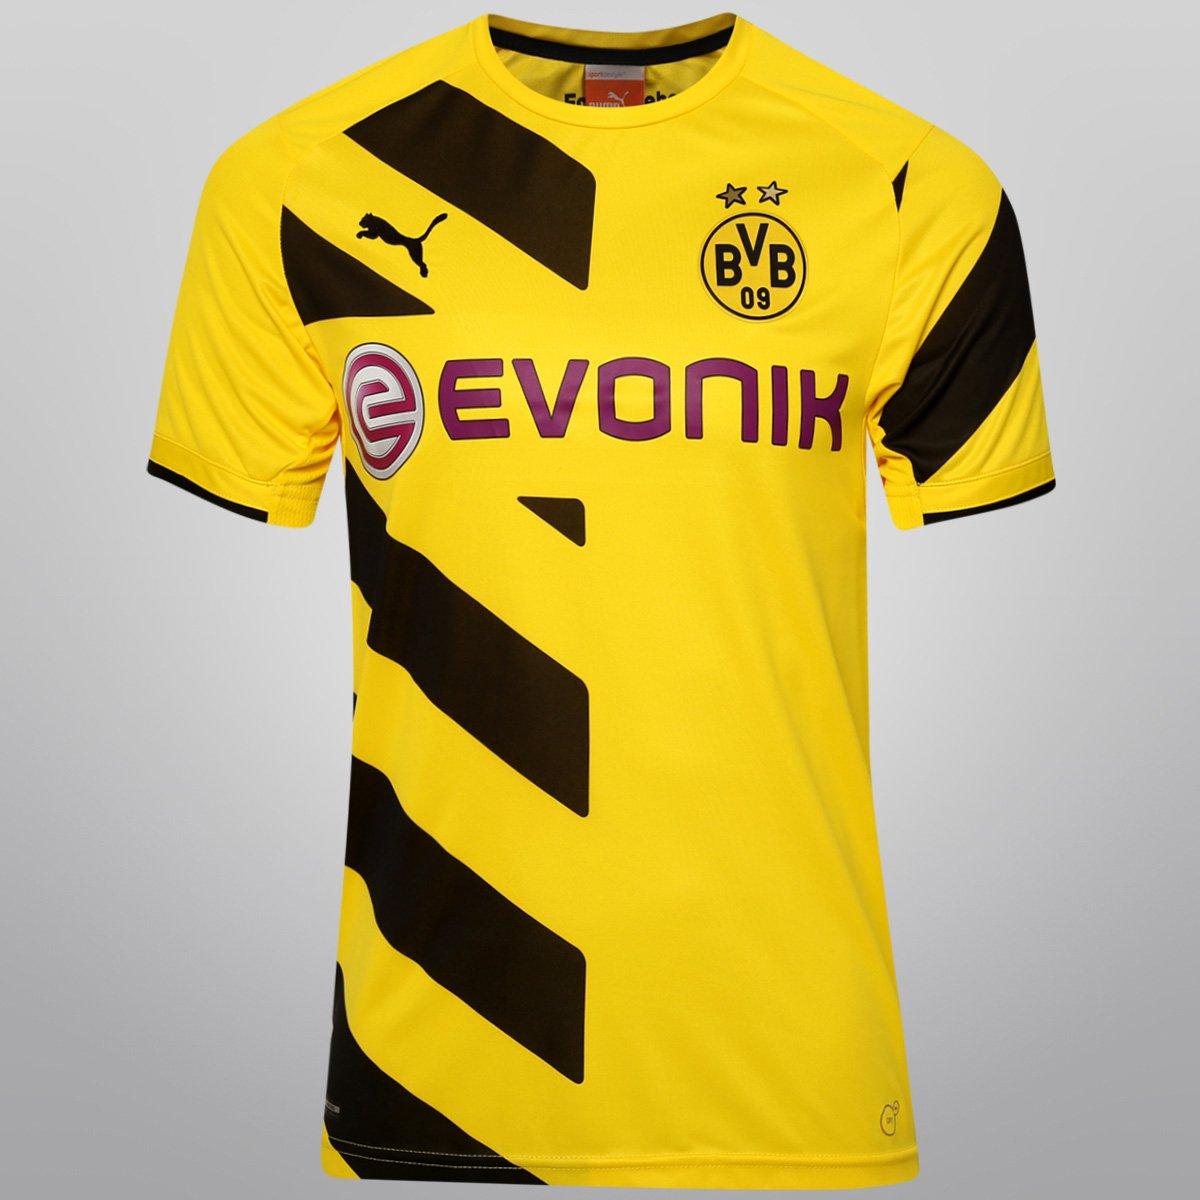 38685ed4c5 Camisa Puma Borussia Dortmund Home 14 15 s nº - Compre Agora